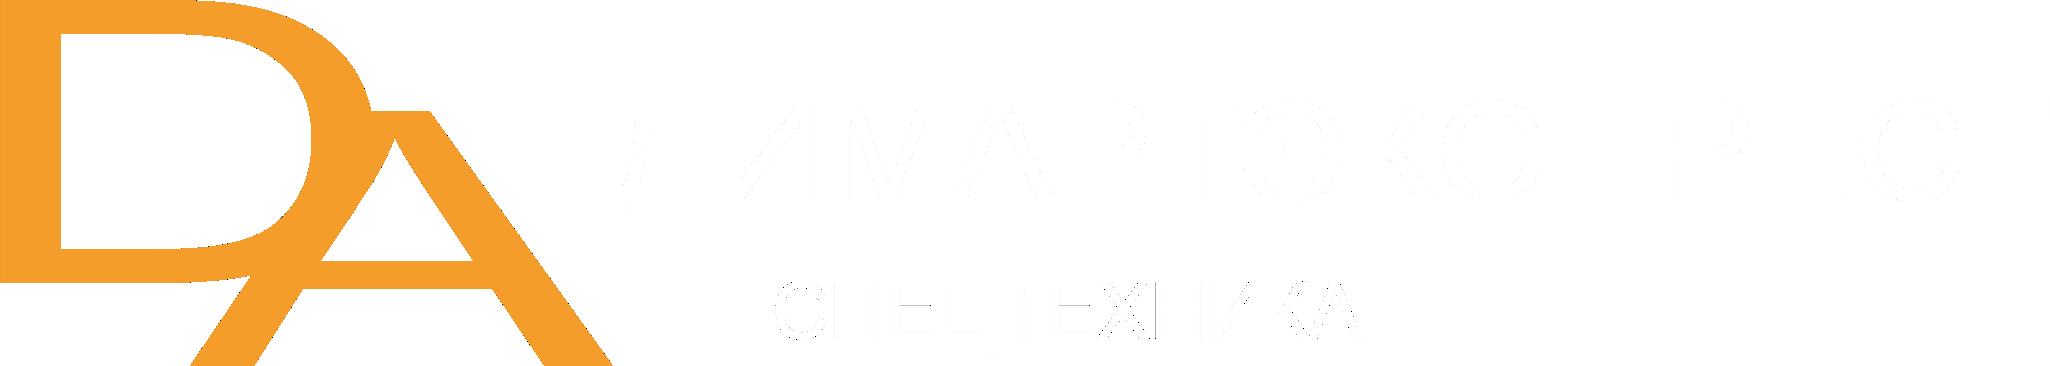 Новый Лого Димарт6